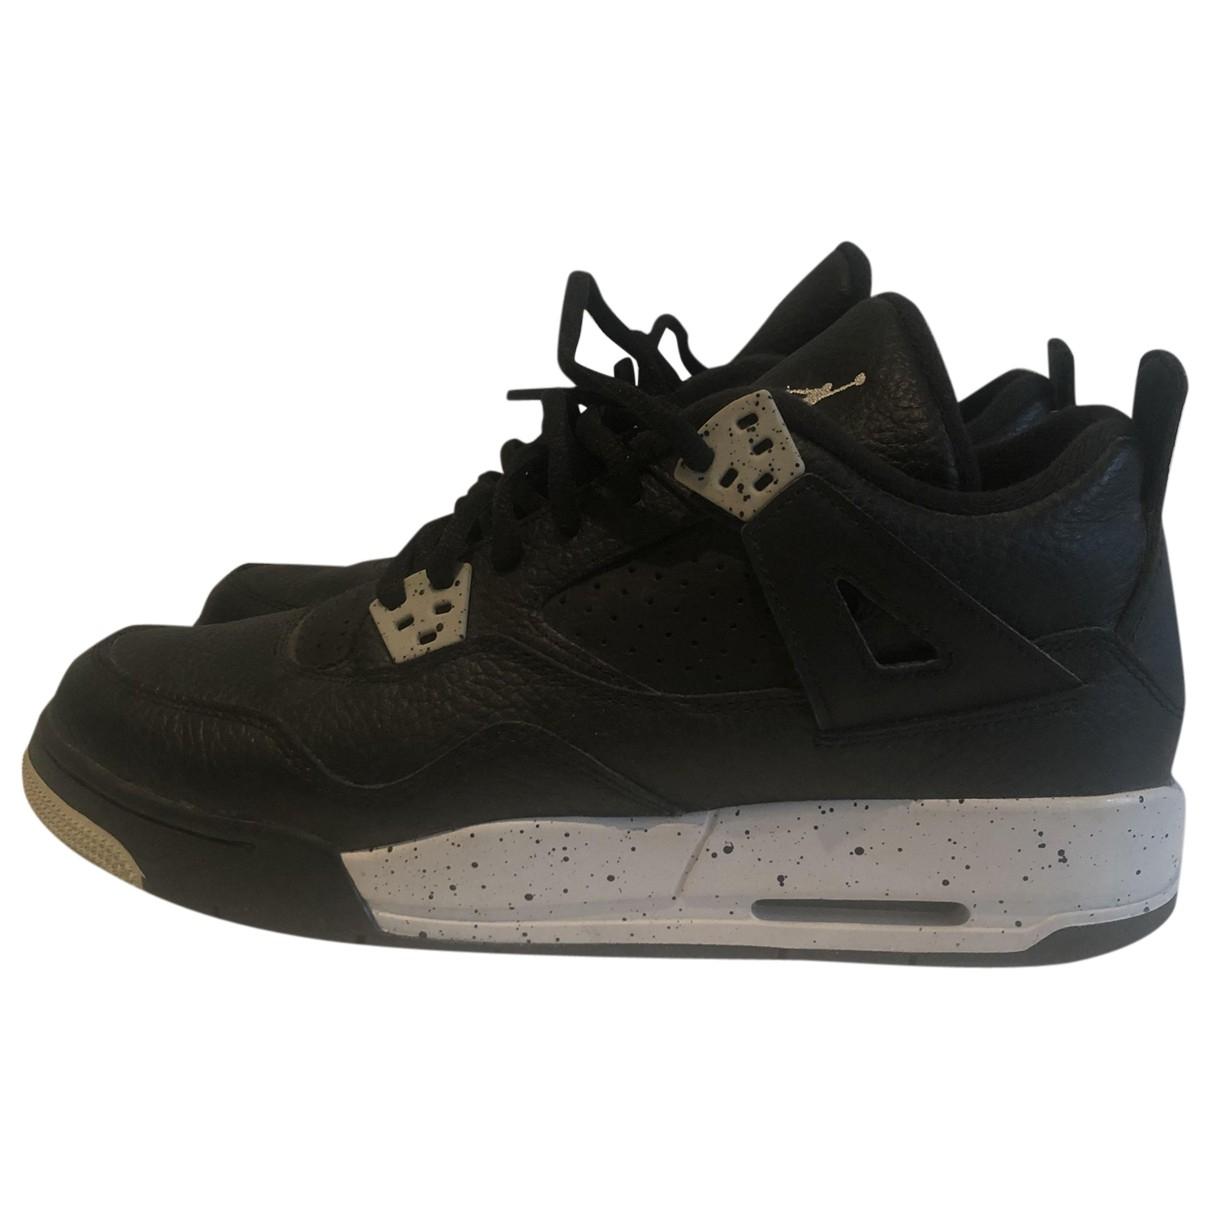 Jordan Air Jordan 4 Black Leather Trainers for Men 6 US